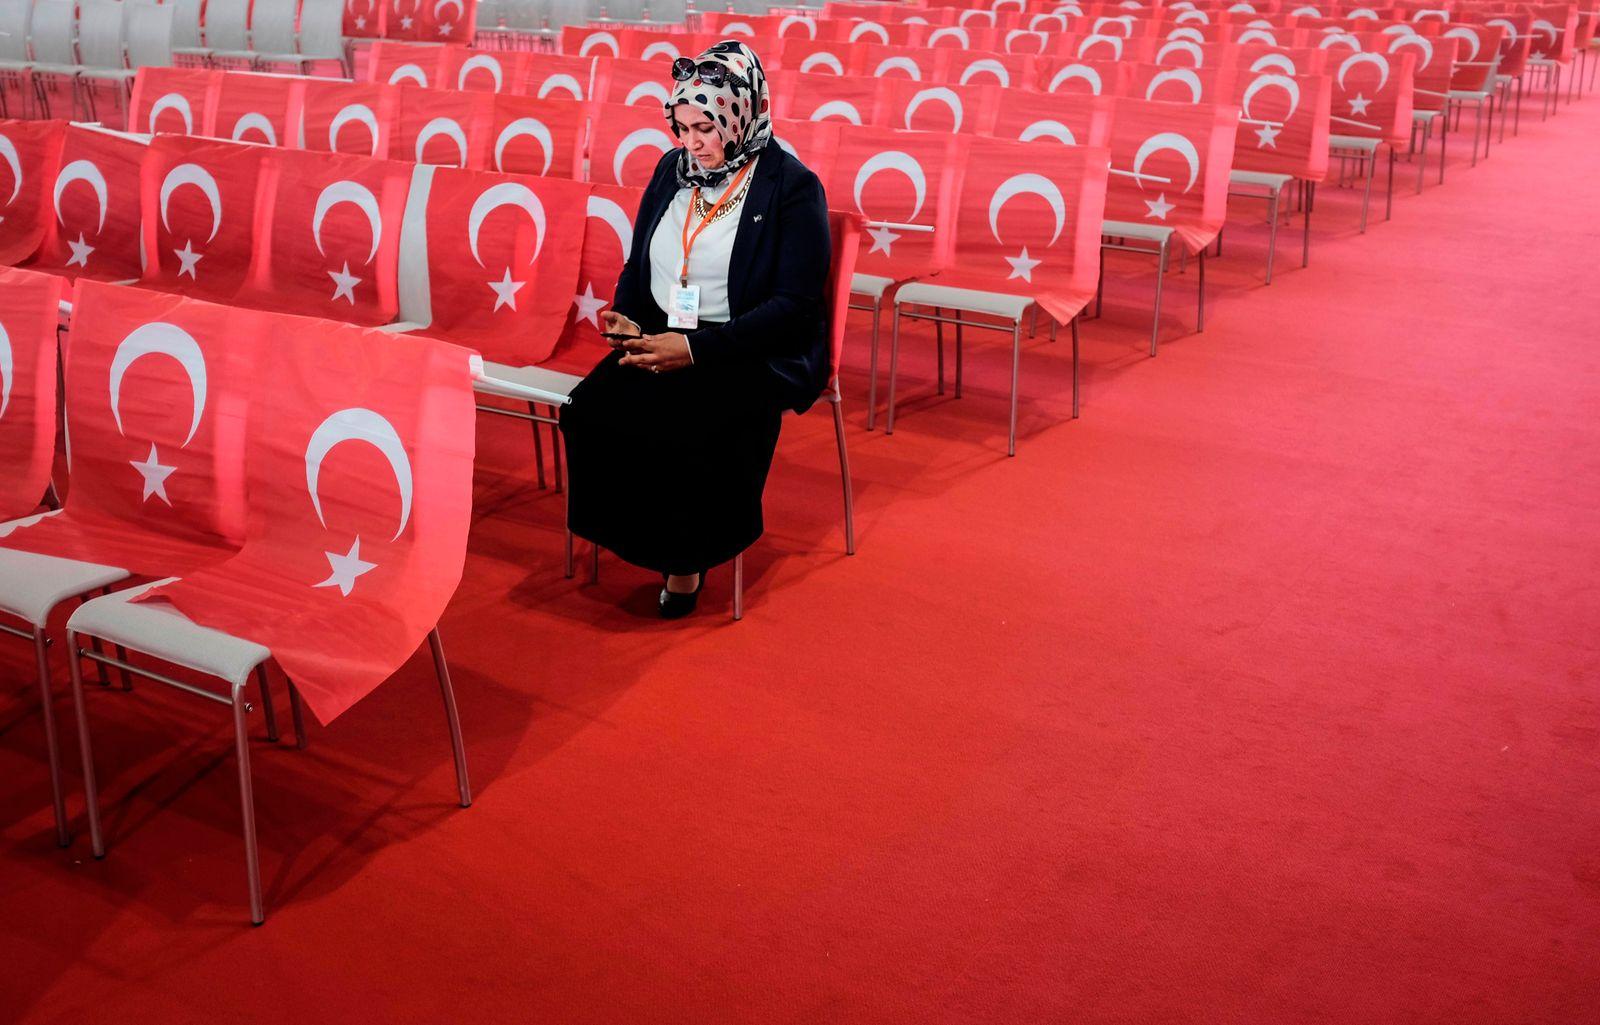 FILES-AUSTRIA-TURKEY-ELECTION-BAN